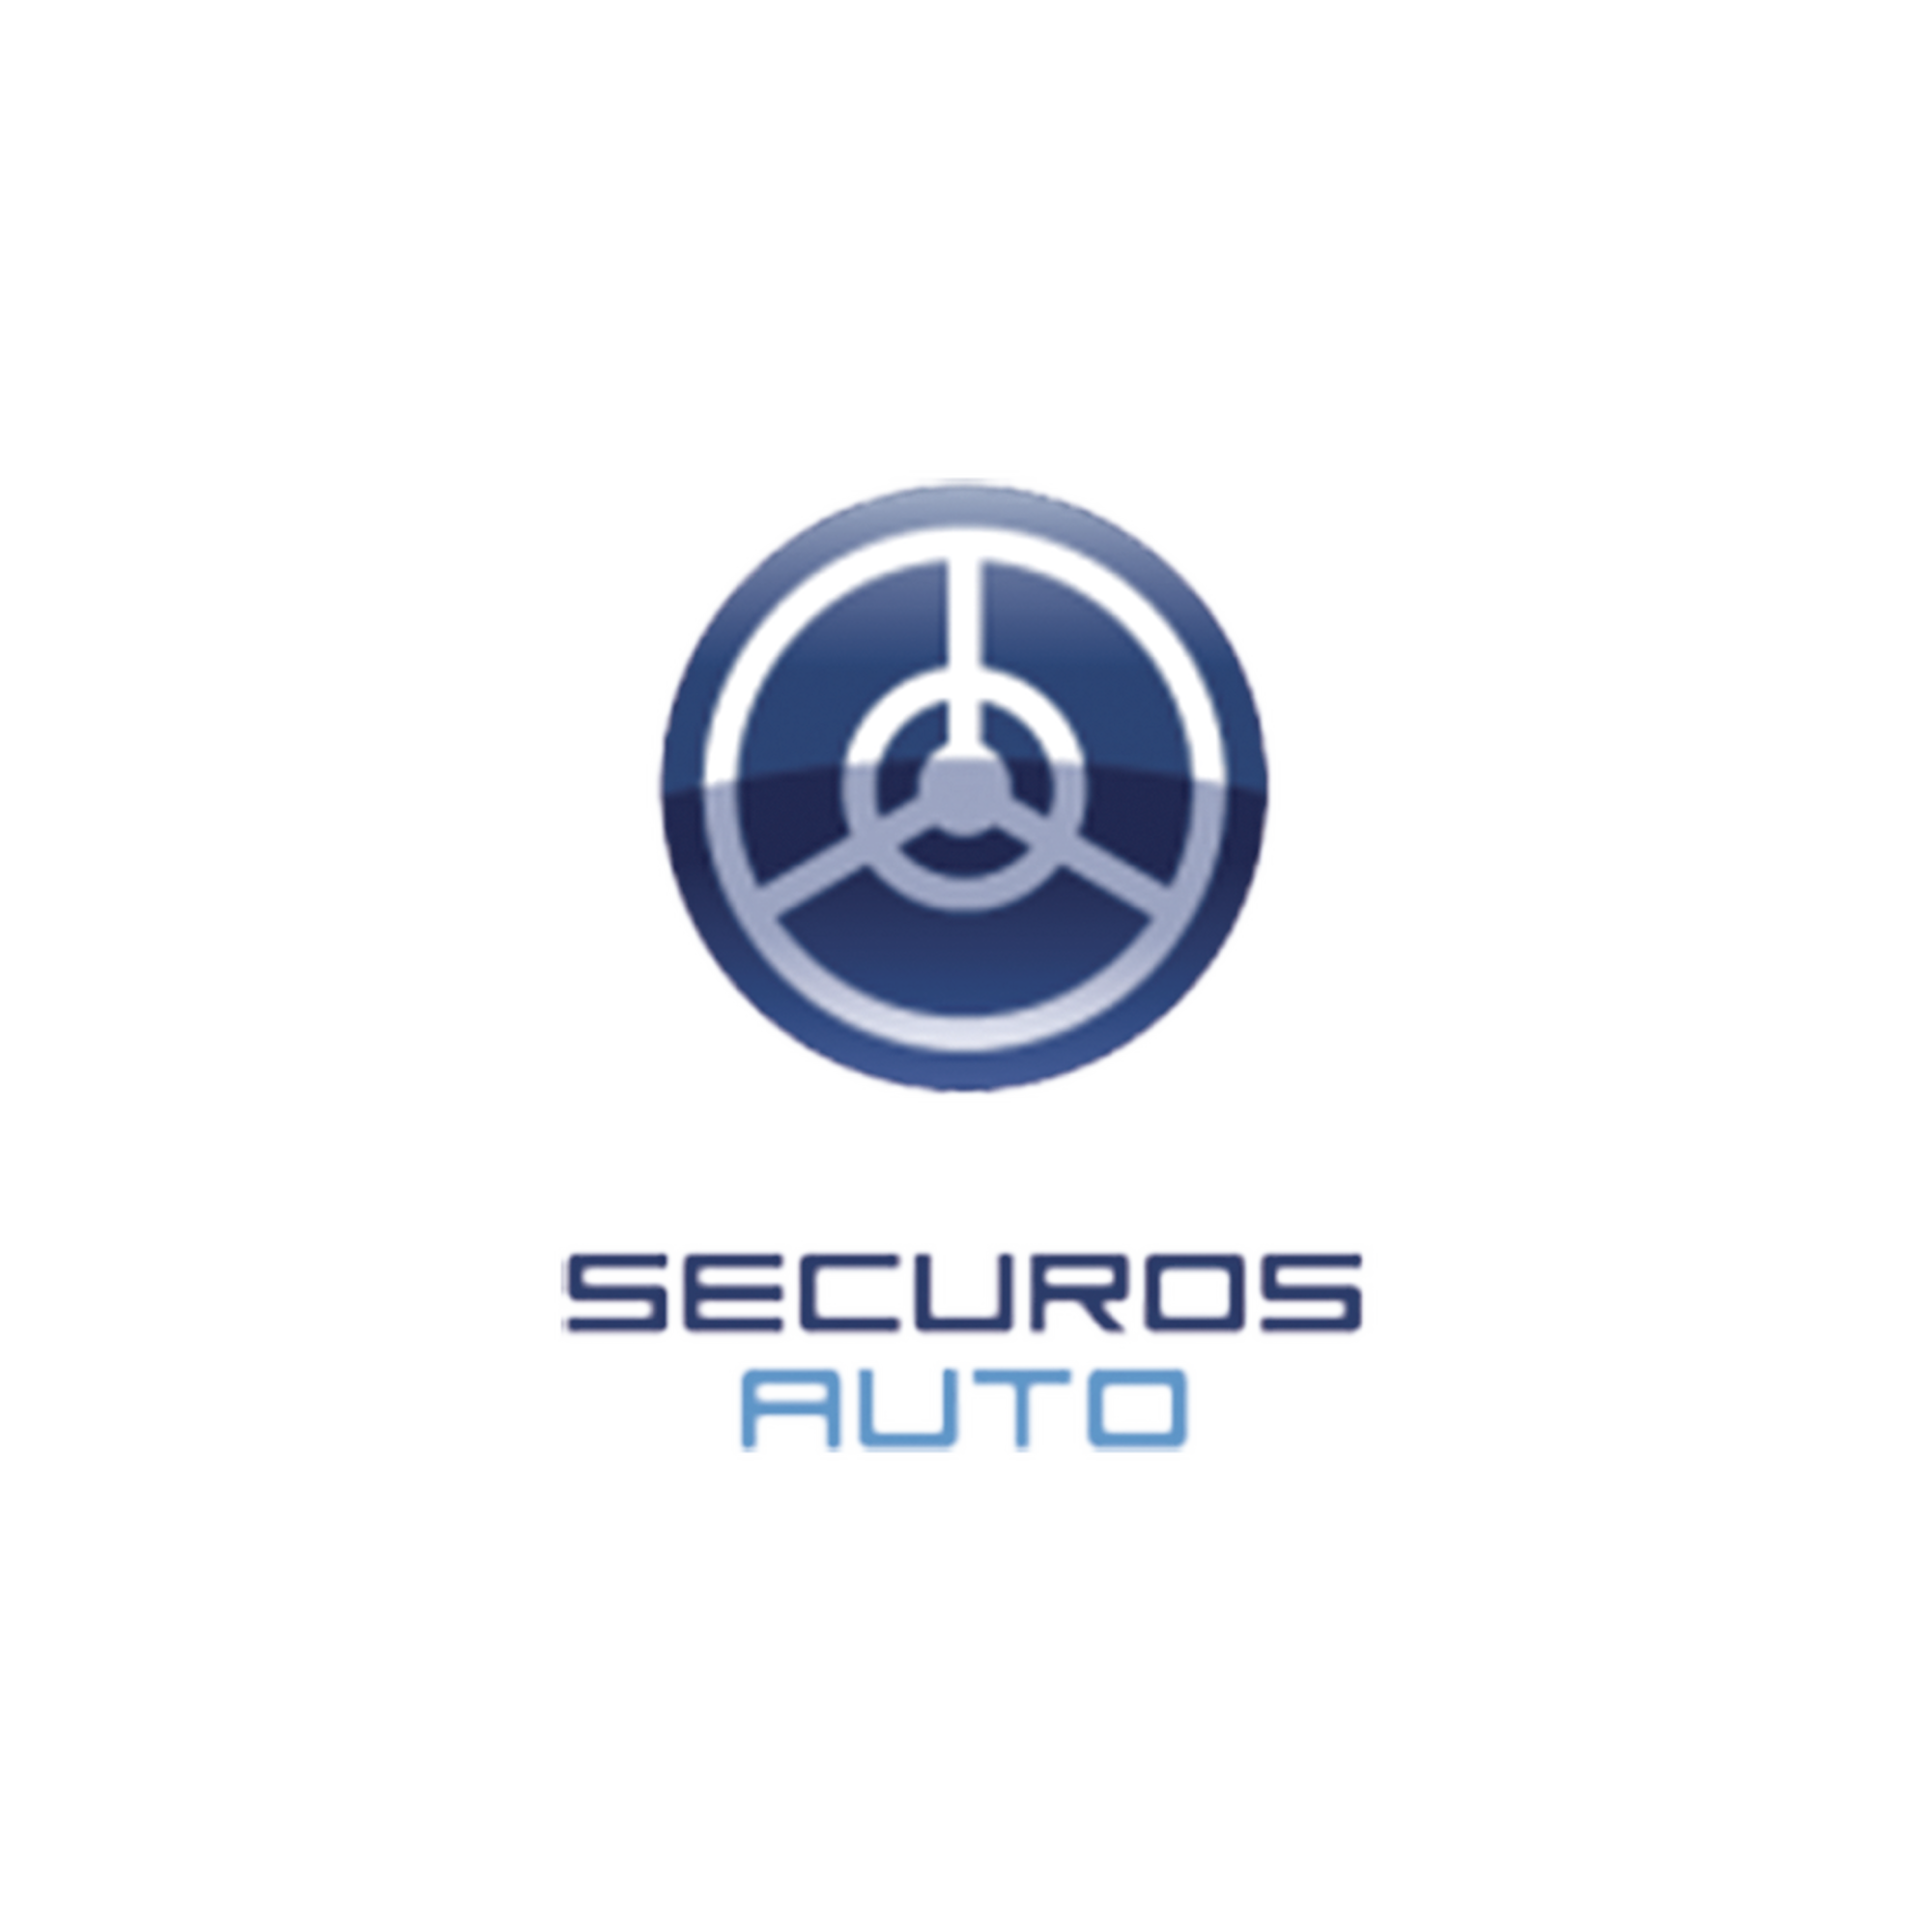 Licencia LPR SecurOS AUTO por Cámara, para Baja Velocidad (alto total)